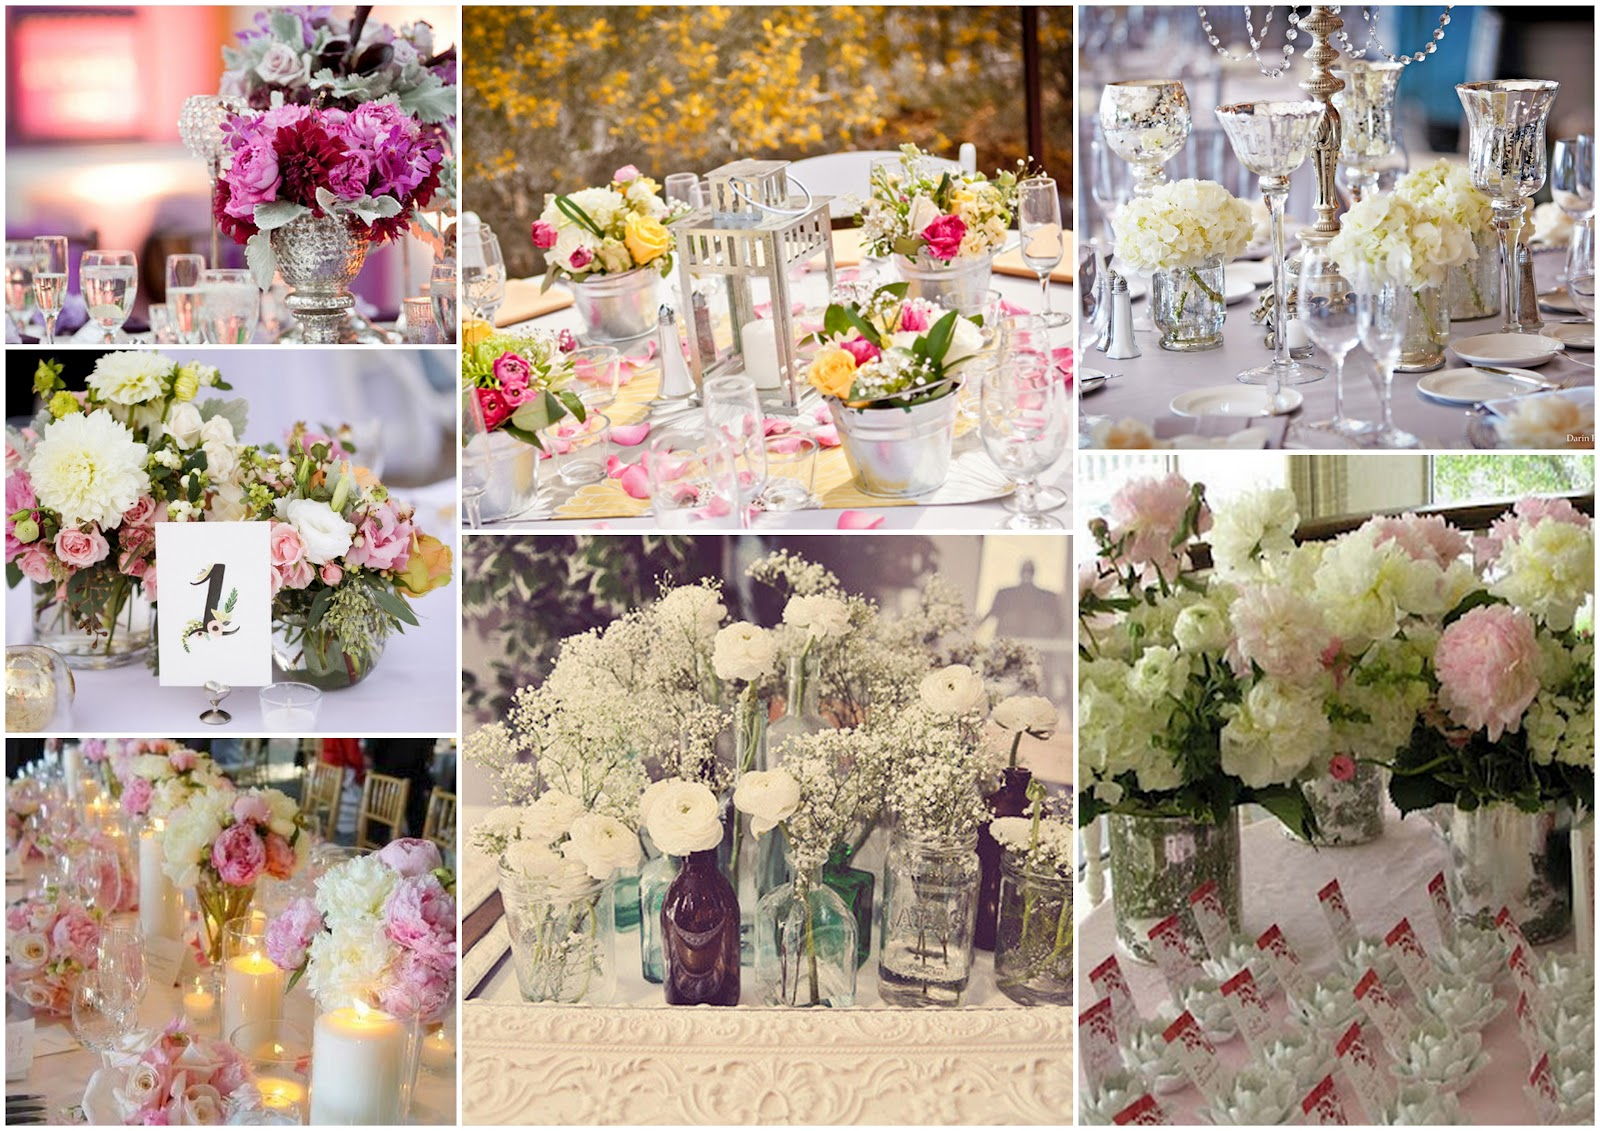 Matrimonio e un tocco di classe decorar la sala de la recepci n - Addobbi sala matrimonio ...